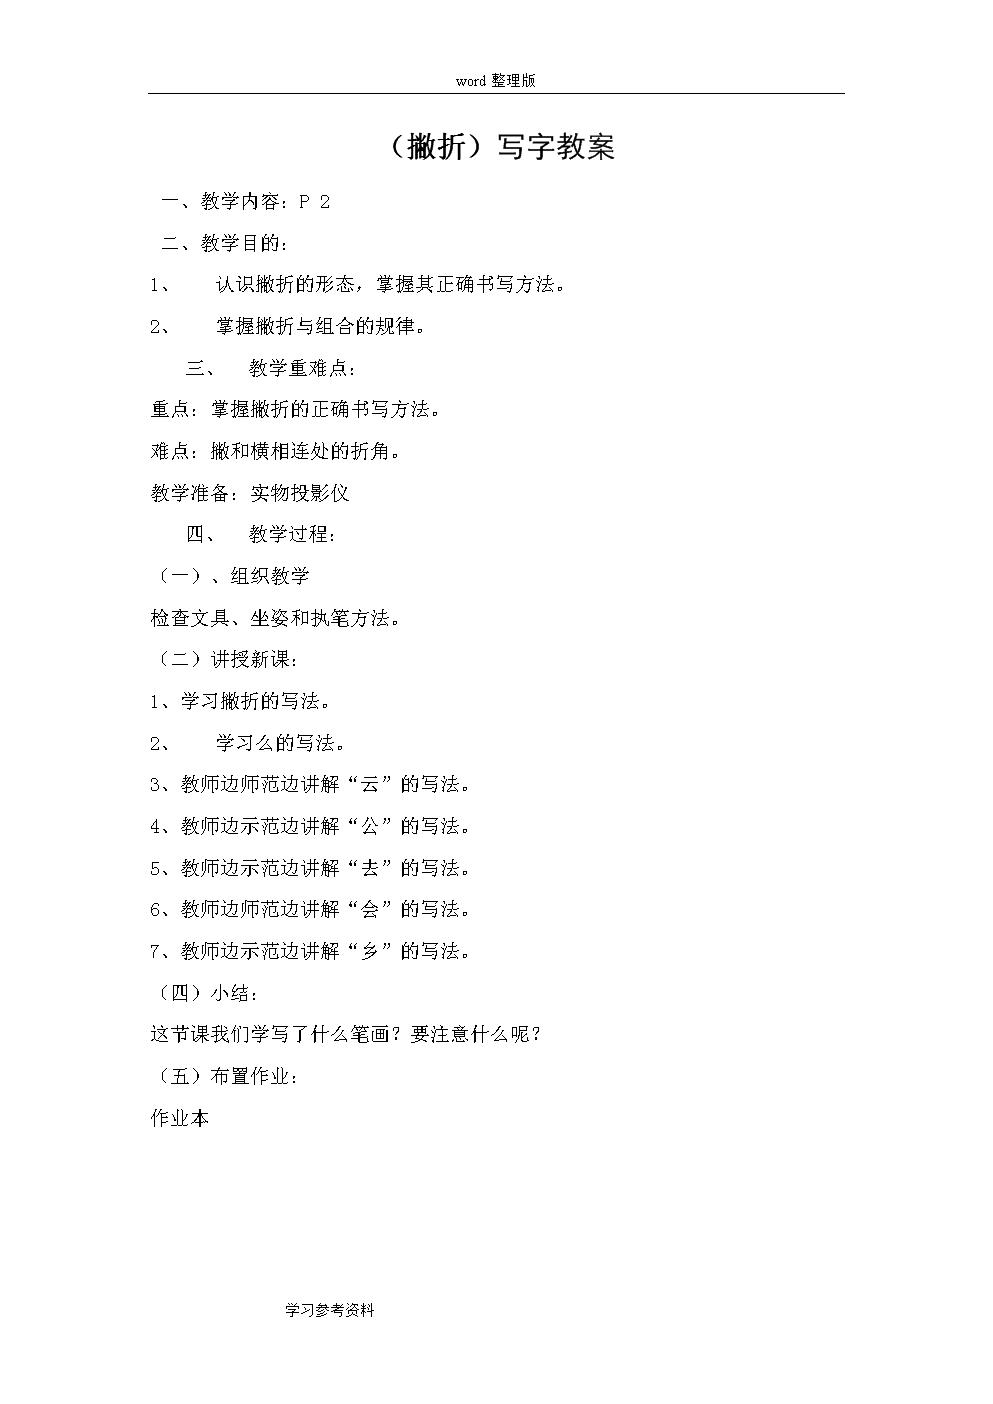 语文人教一年级下册(撇折)写字教案.doc